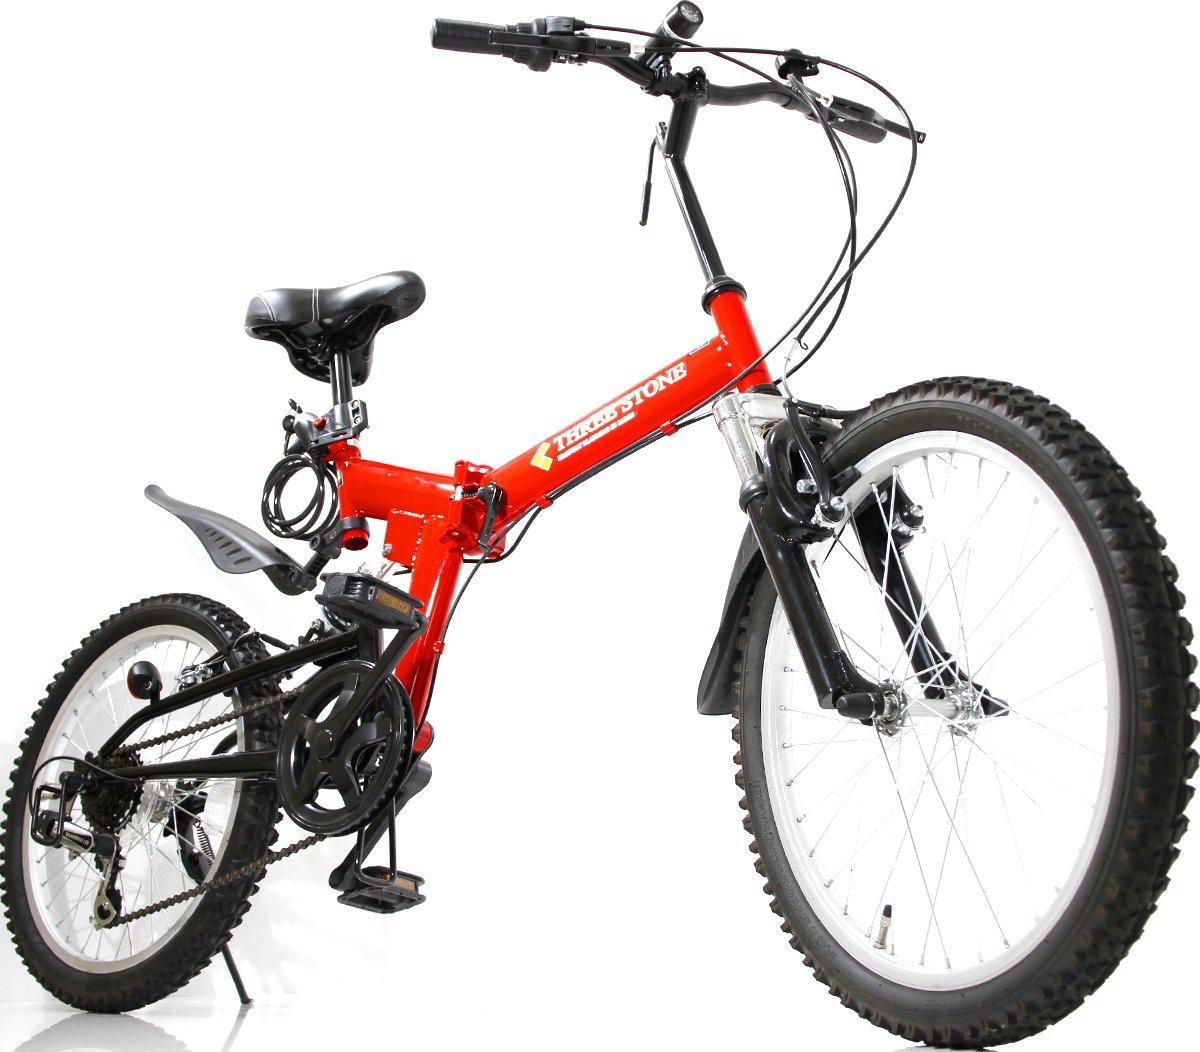 フルサスペンション マウンテンバイク 20インチ 折りたたみ自転車 AJ-01-T MTB シマノ6段外装ギア ダブルサス … B07CNXCDSK レッド レッド